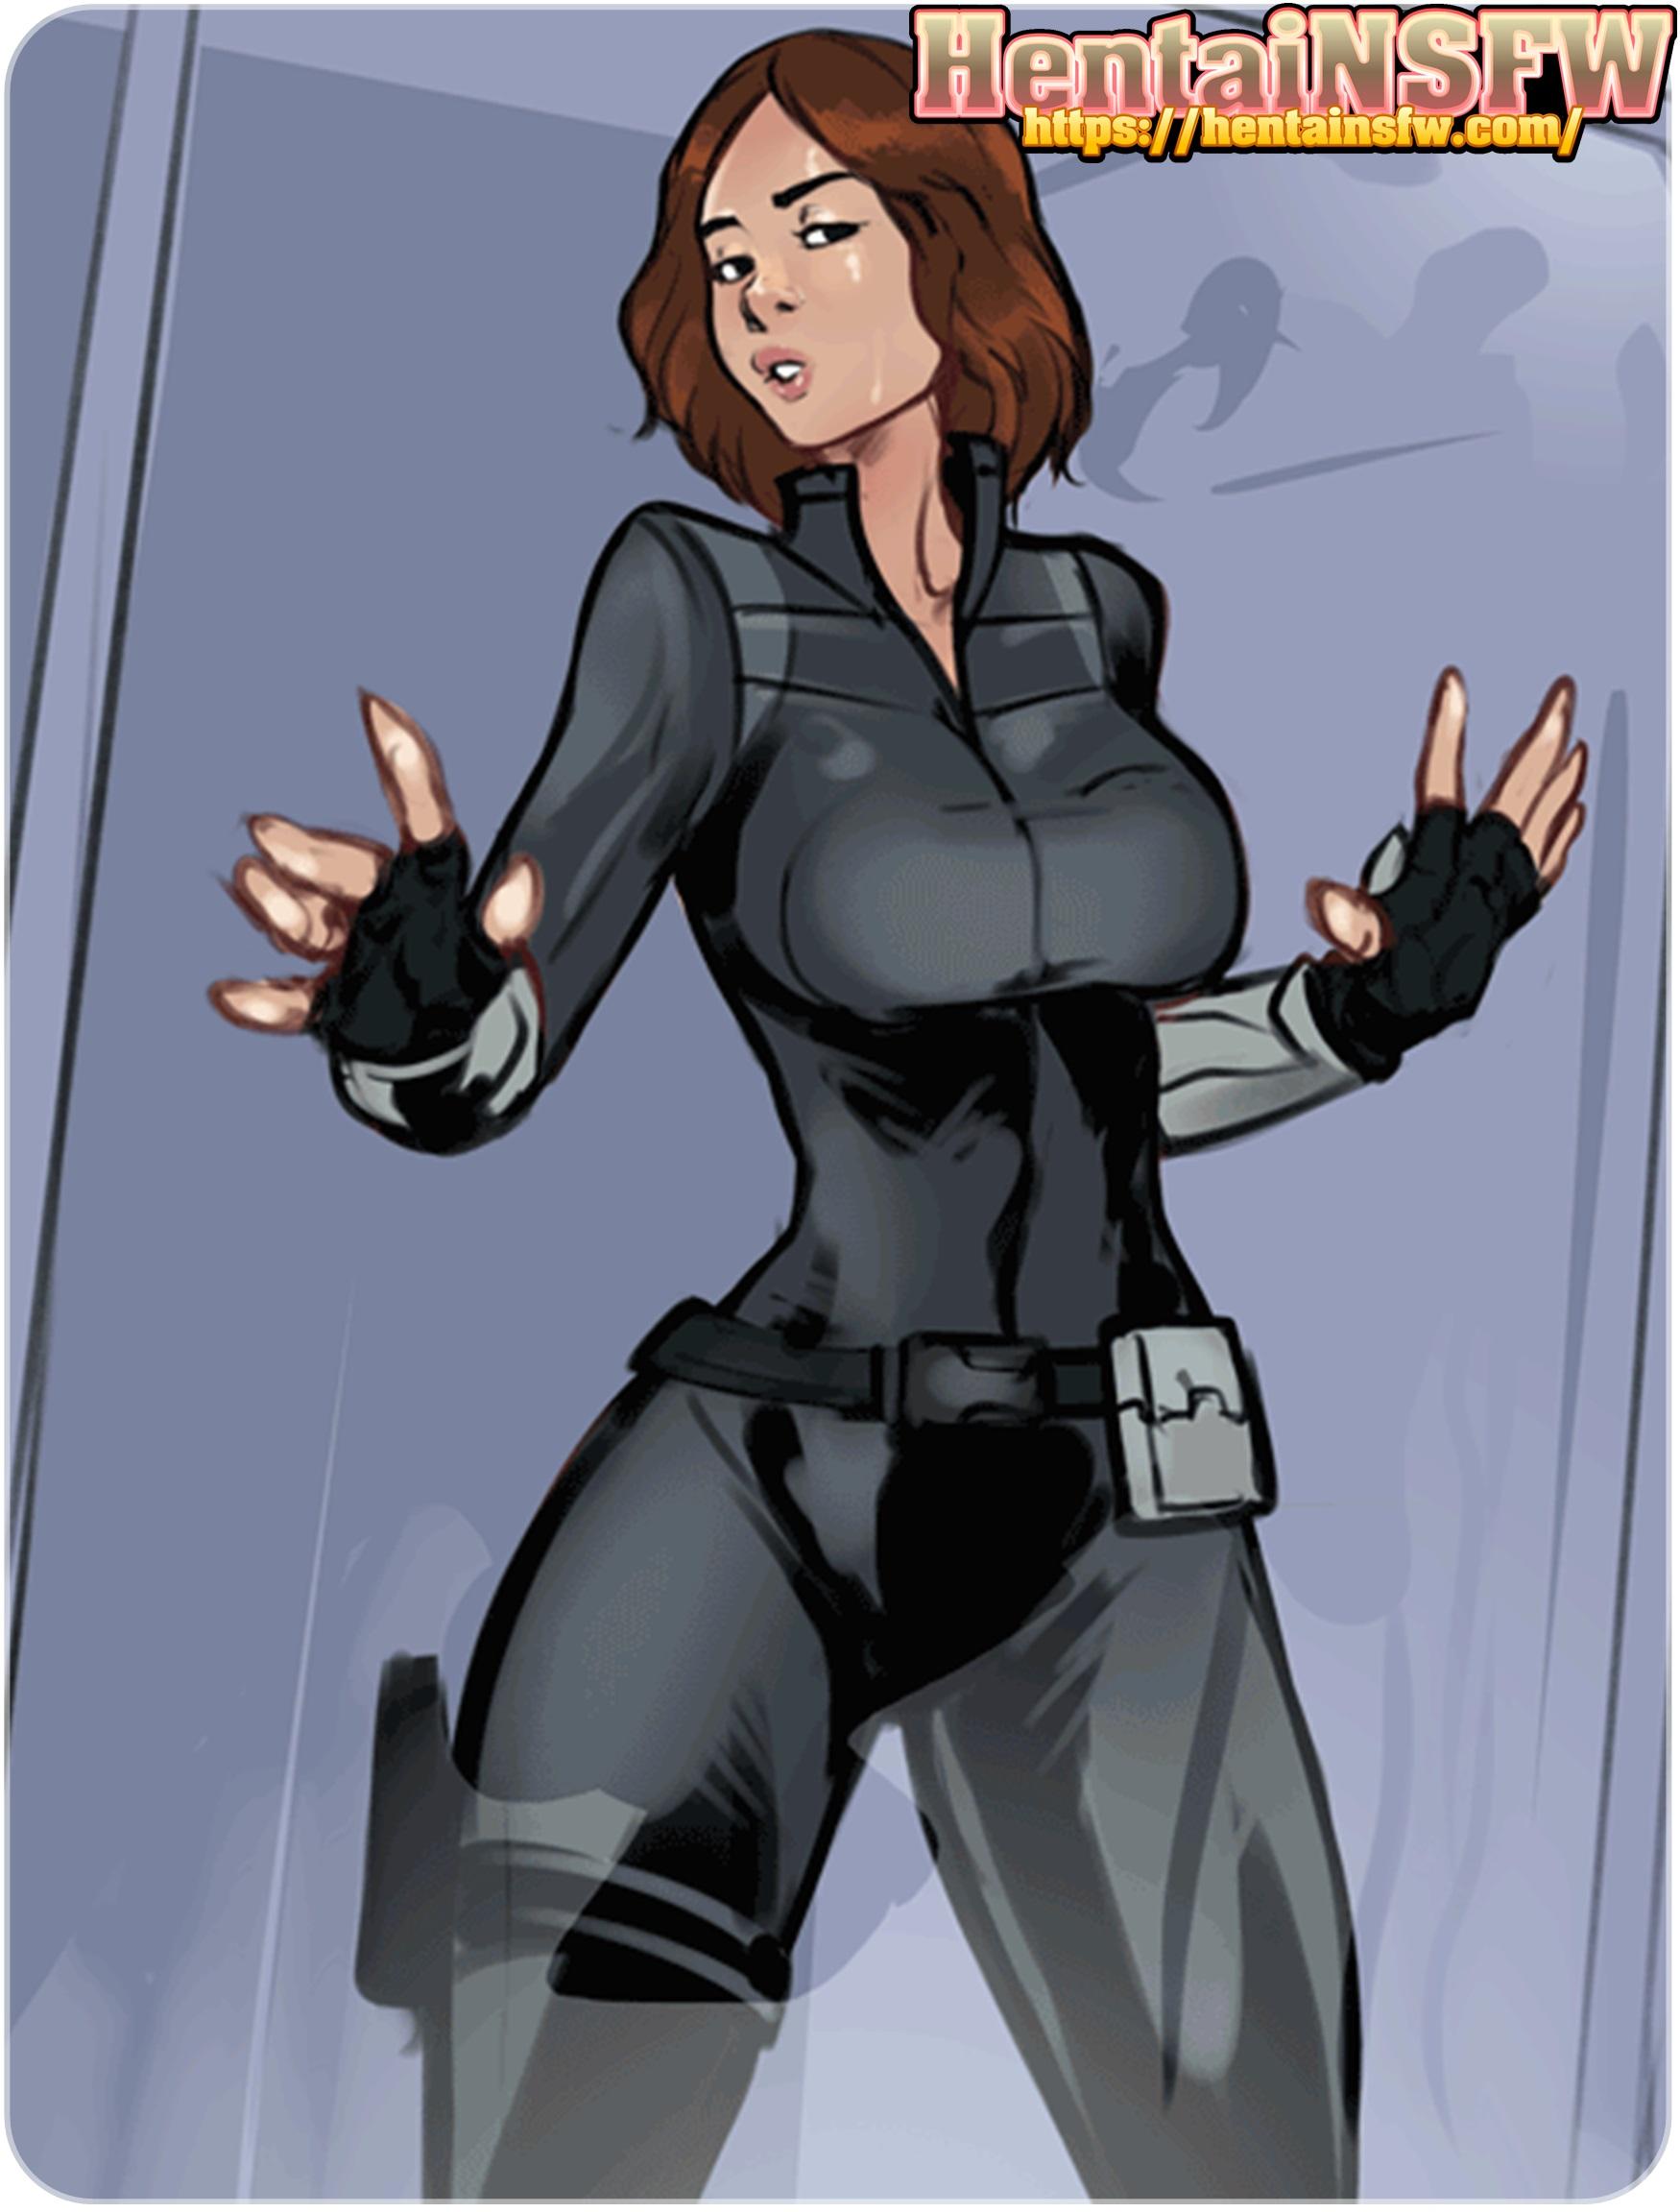 oppaihentaiSFW MarvelComicAgentsofS.H.I.E.L.D.DaisyJohnson Quake bigtitssuperhero cartoonporn